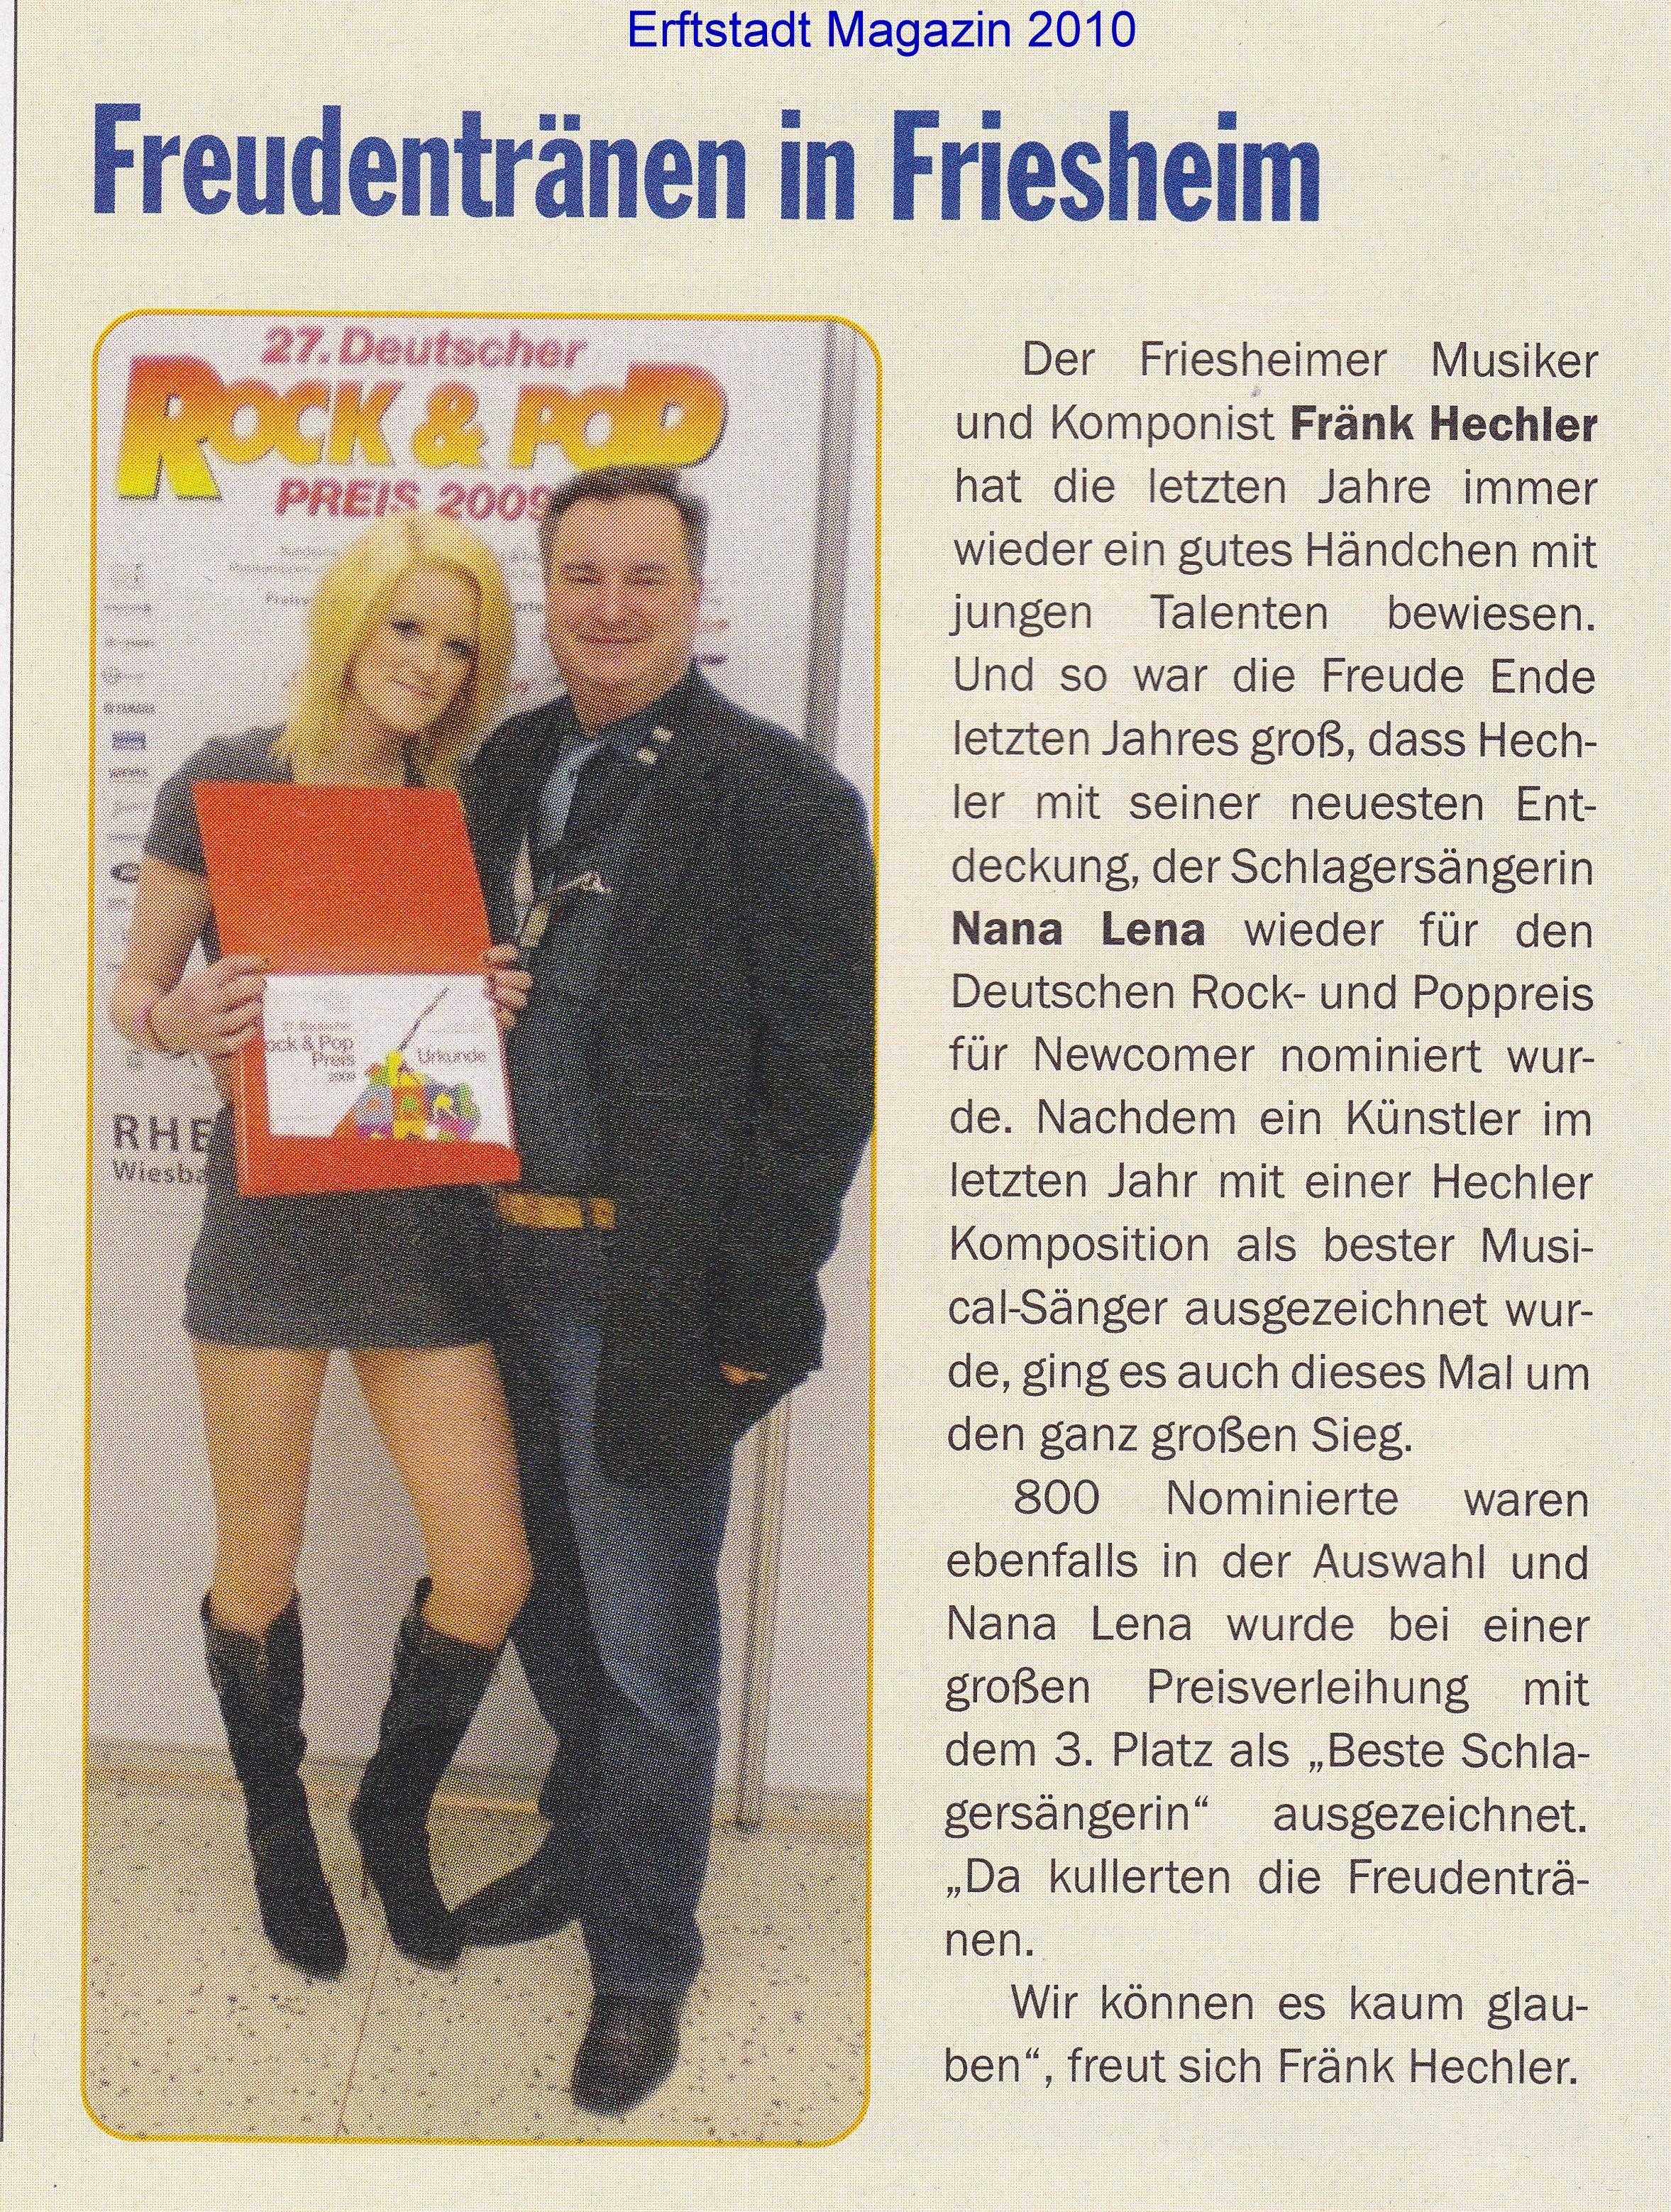 20100100 Erftstadtmagazin